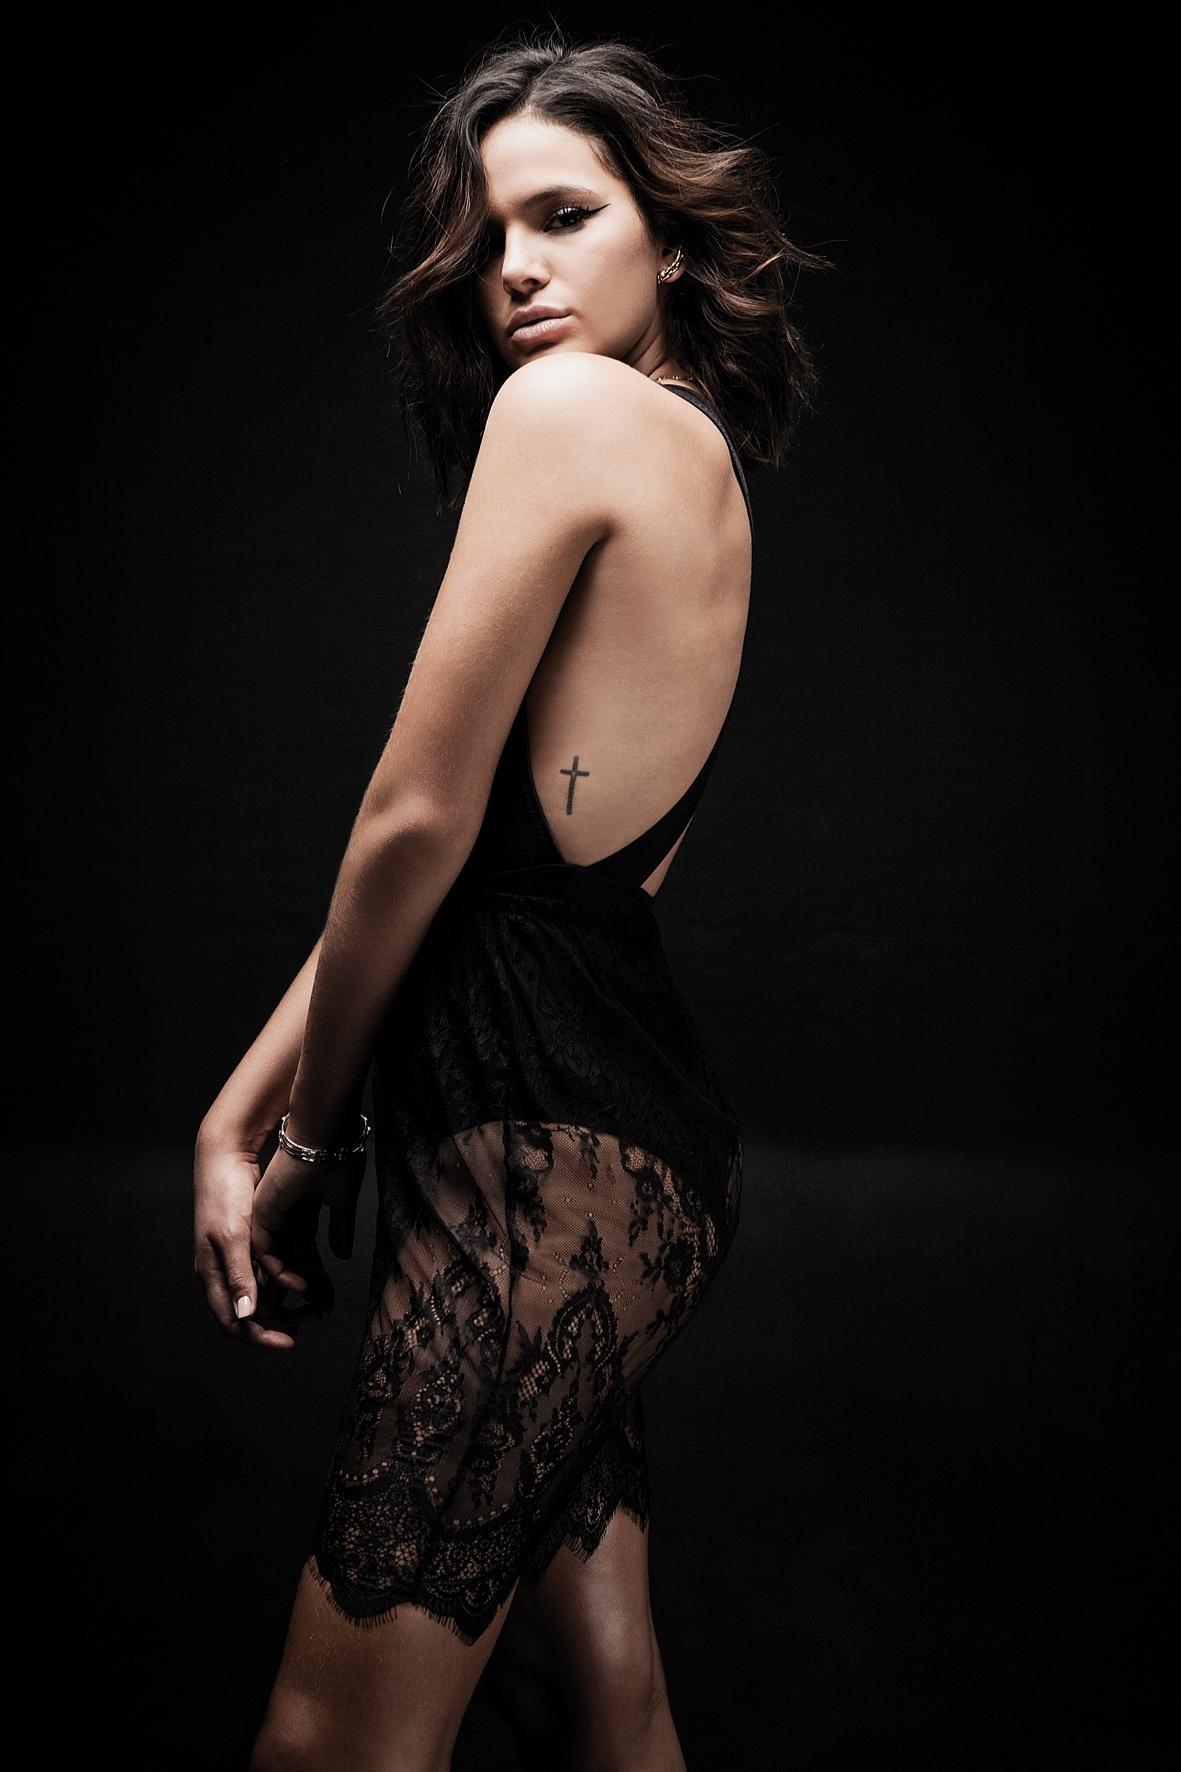 set.2016 - Com look decotado e transparente, Bruna Marquezine exibe tatuagem em ensaio para a revista